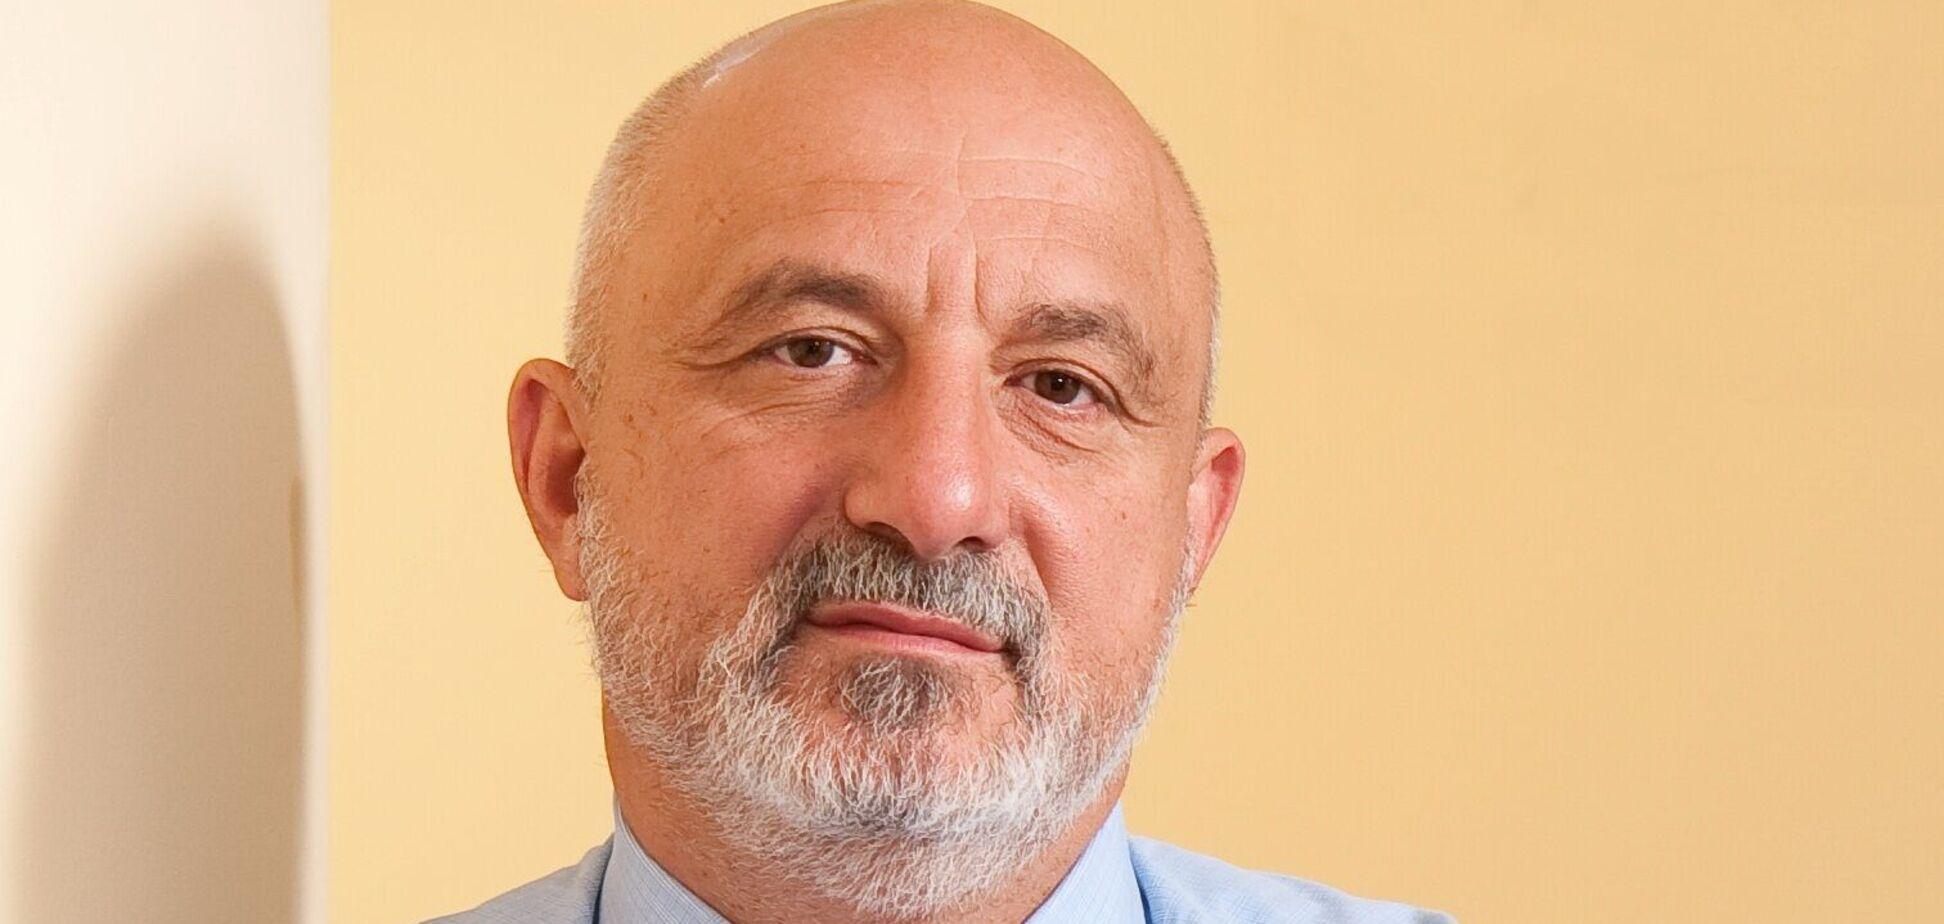 ТЭС не могут проводить ремонты и закупать топливо из-за искусственного обвала цен, – Плачков